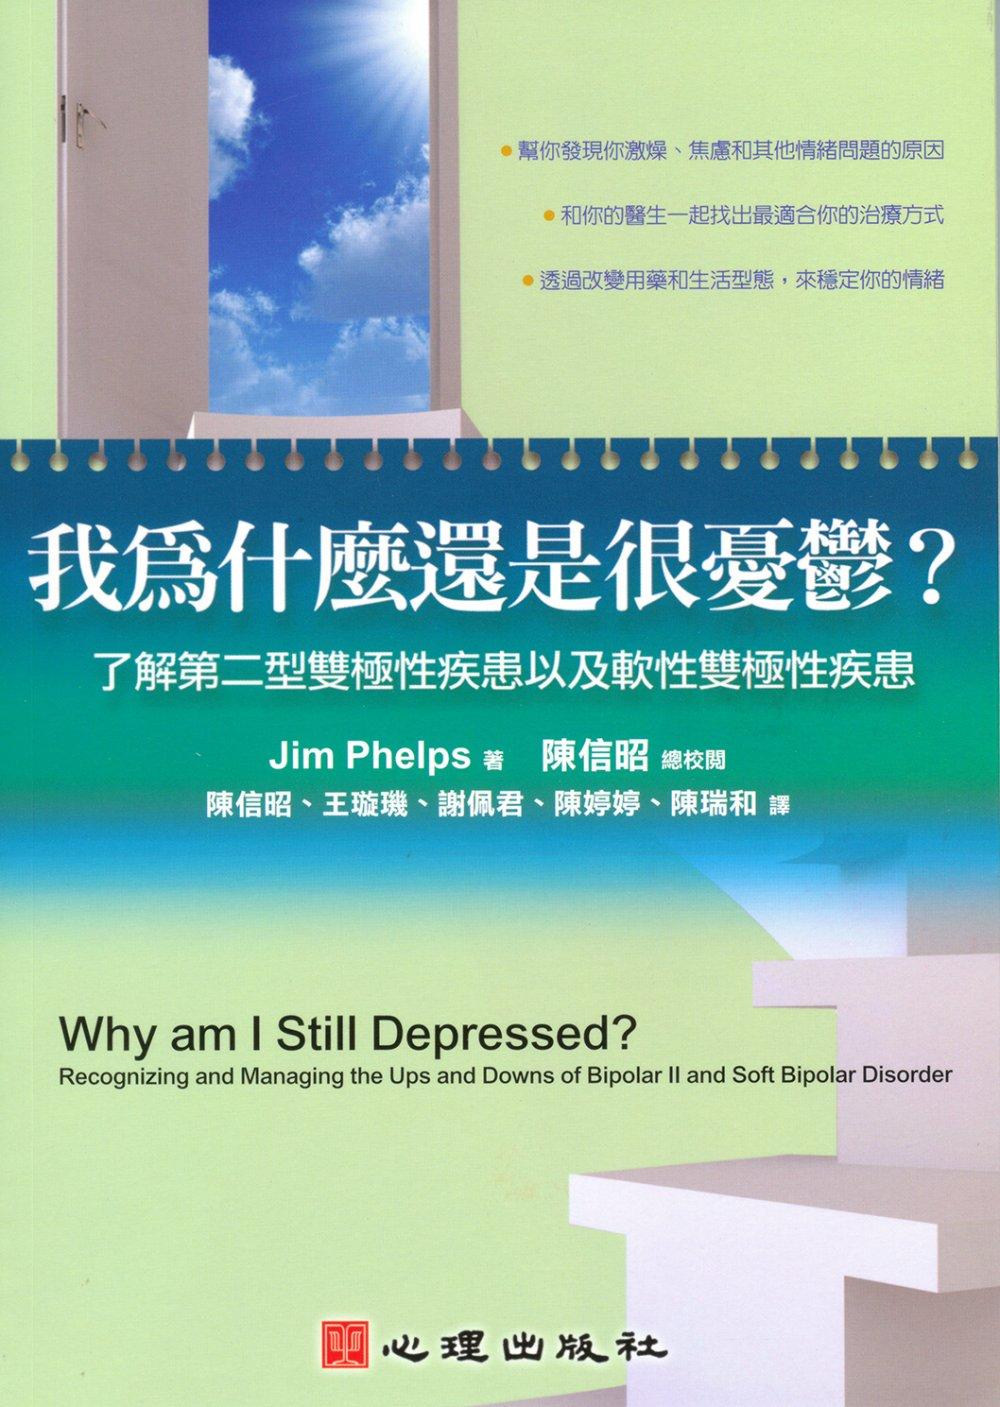 我為什麼還是很憂鬱? :  了解第二型雙極性疾患以及軟性雙極性疾患 /